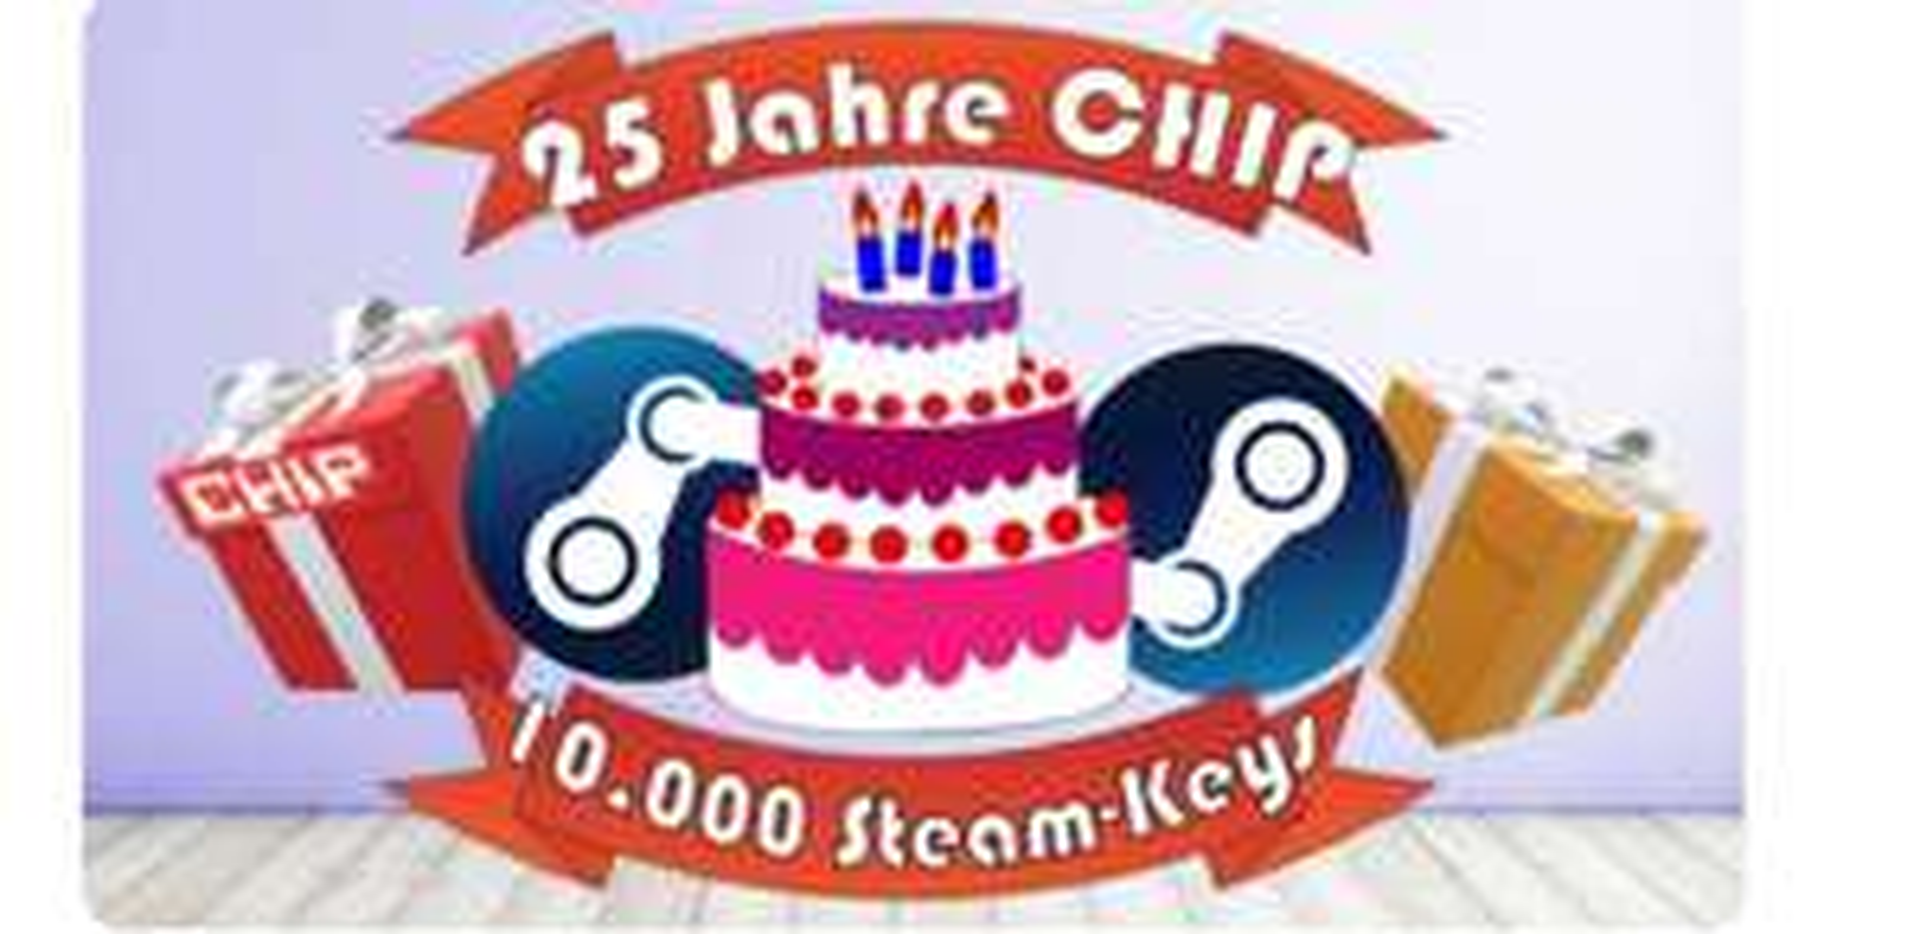 10.000 Steam-Keys* kostenlos bei Chip, ab 16.00 Uhr